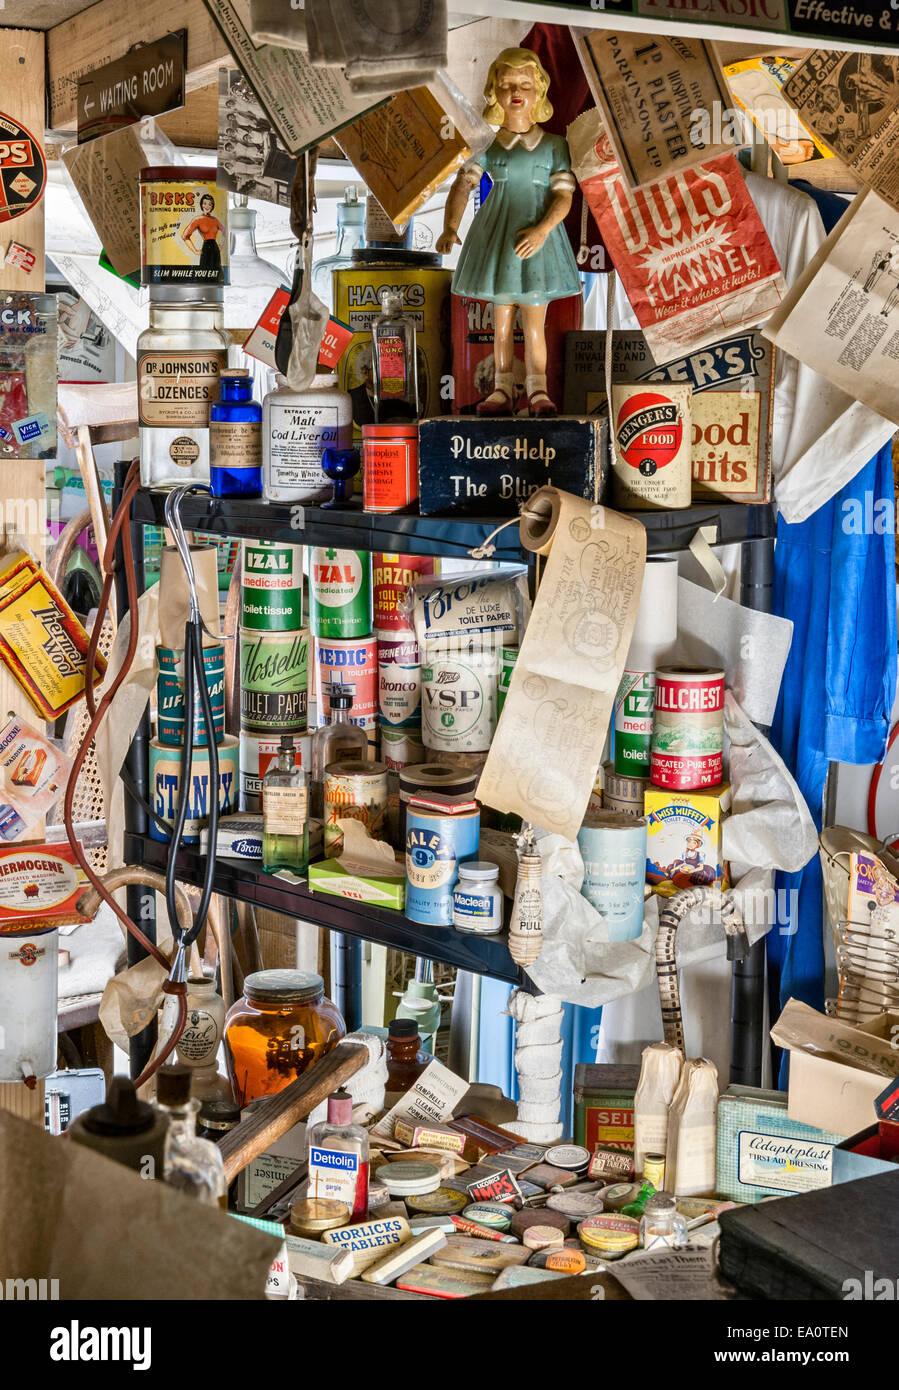 Der Land of Lost Content, ein Museum von 20c britischen Populärkultur, Craven Arms, Shropshire. Health care Stockbild